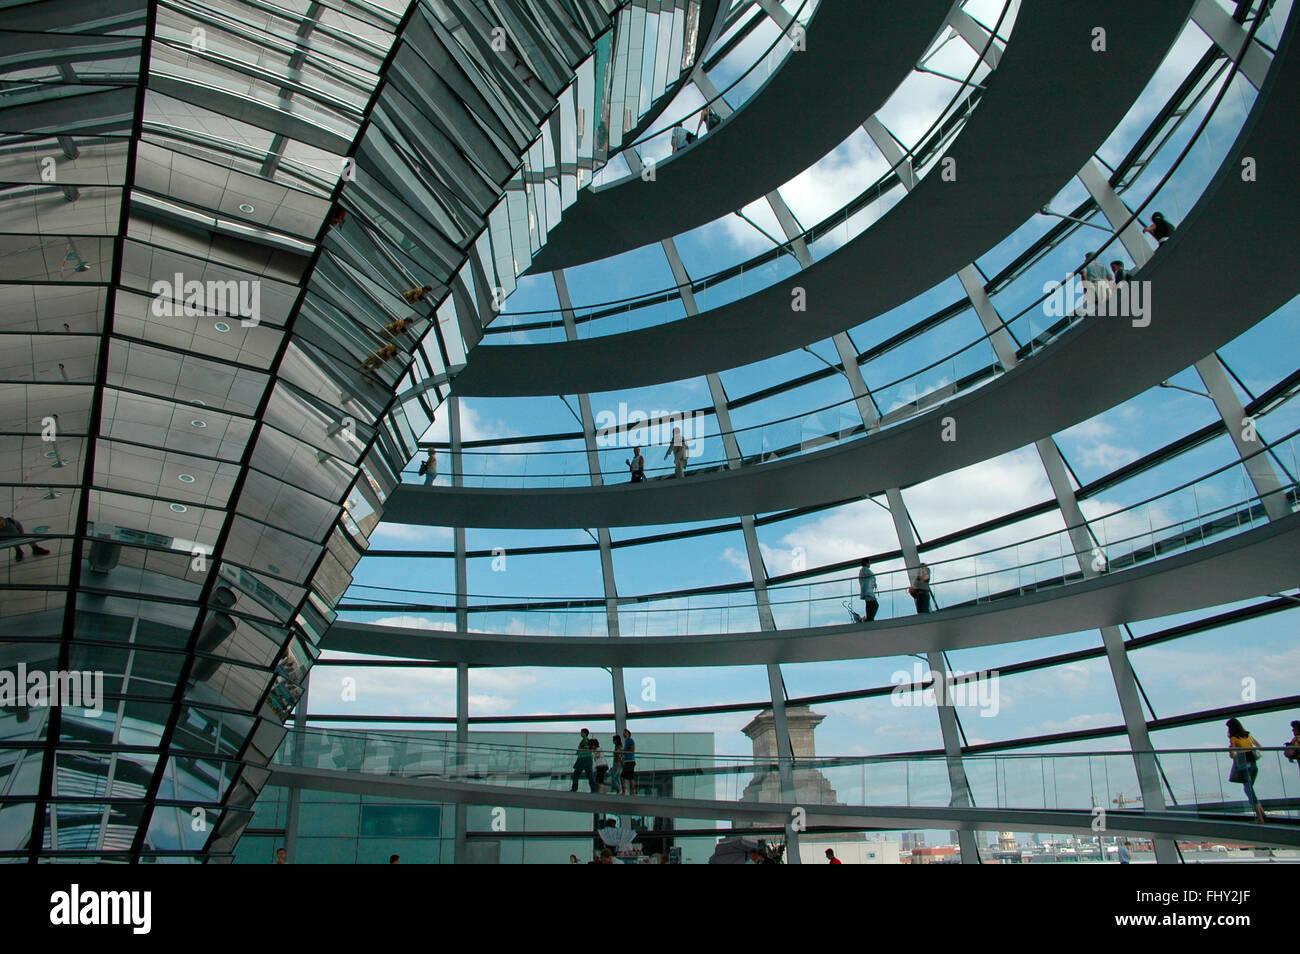 die Kuppel des Reichstages, Berlin-Tiergarten. Stock Photo